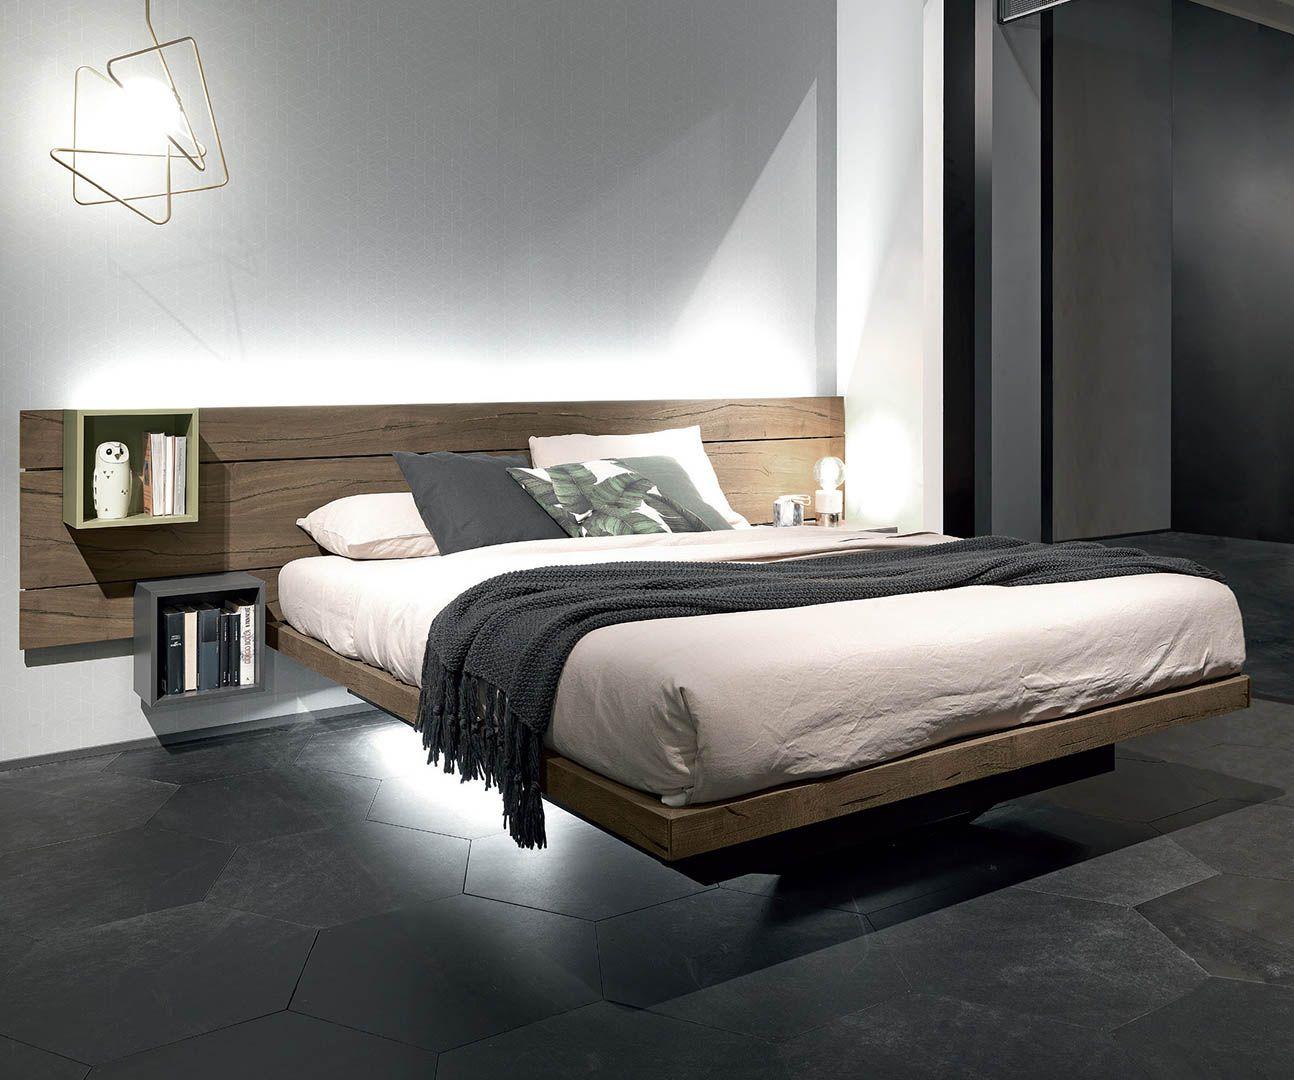 Fimar produce letti moderni sospesi con contenitore for Mobili moderni camera da letto